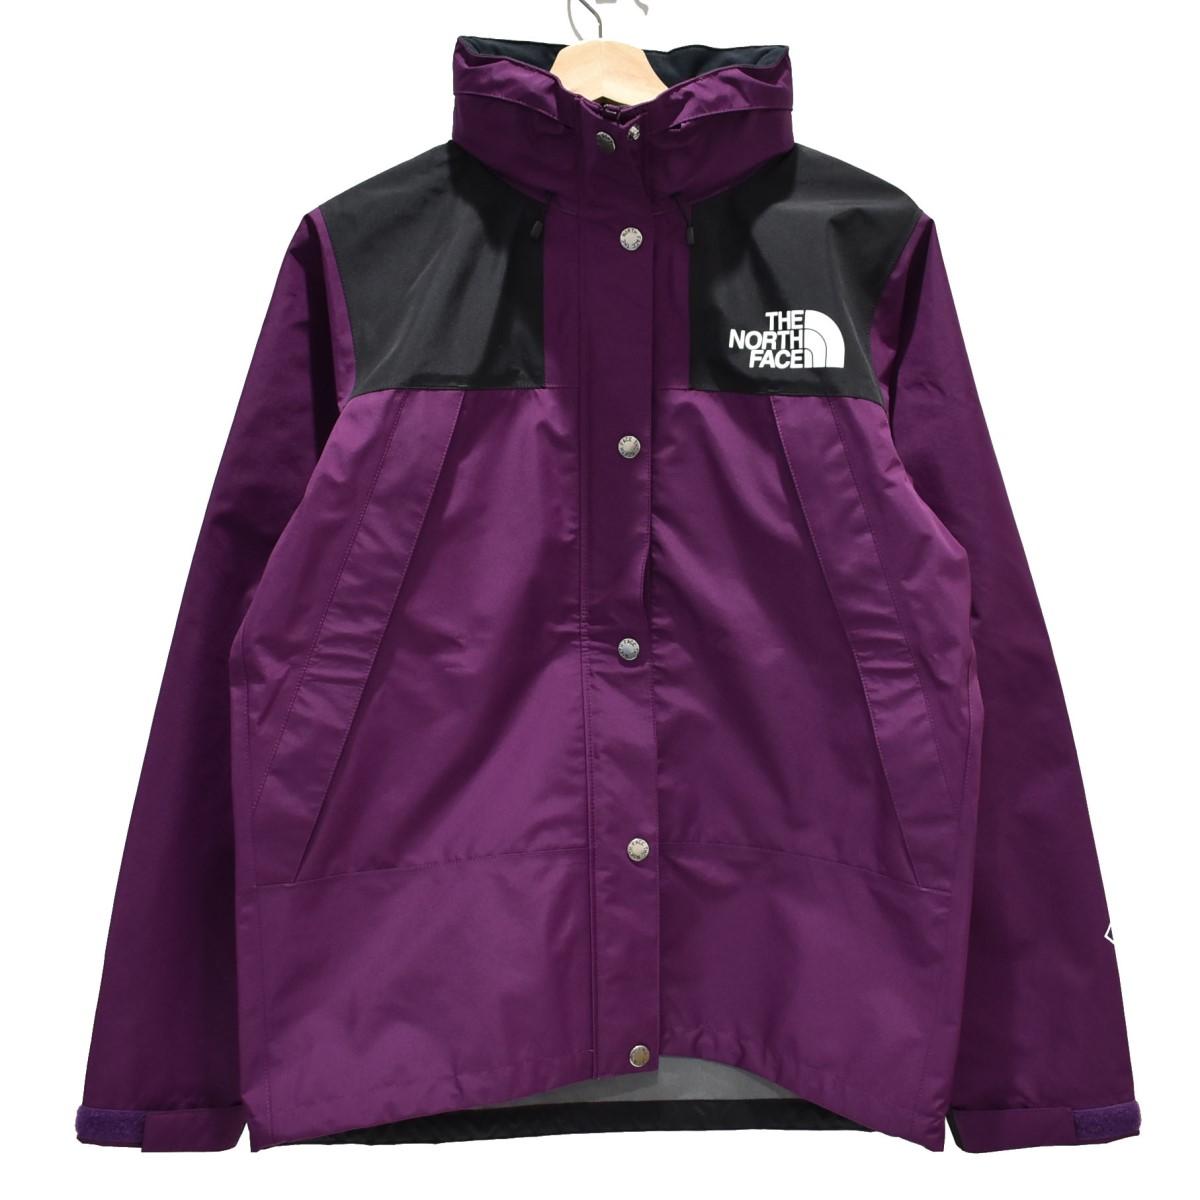 【中古】THE NORTH FACE Mountain Raintex Jacket マウンテンパーカー パープル サイズ:L 【170420】(ザノースフェイス)